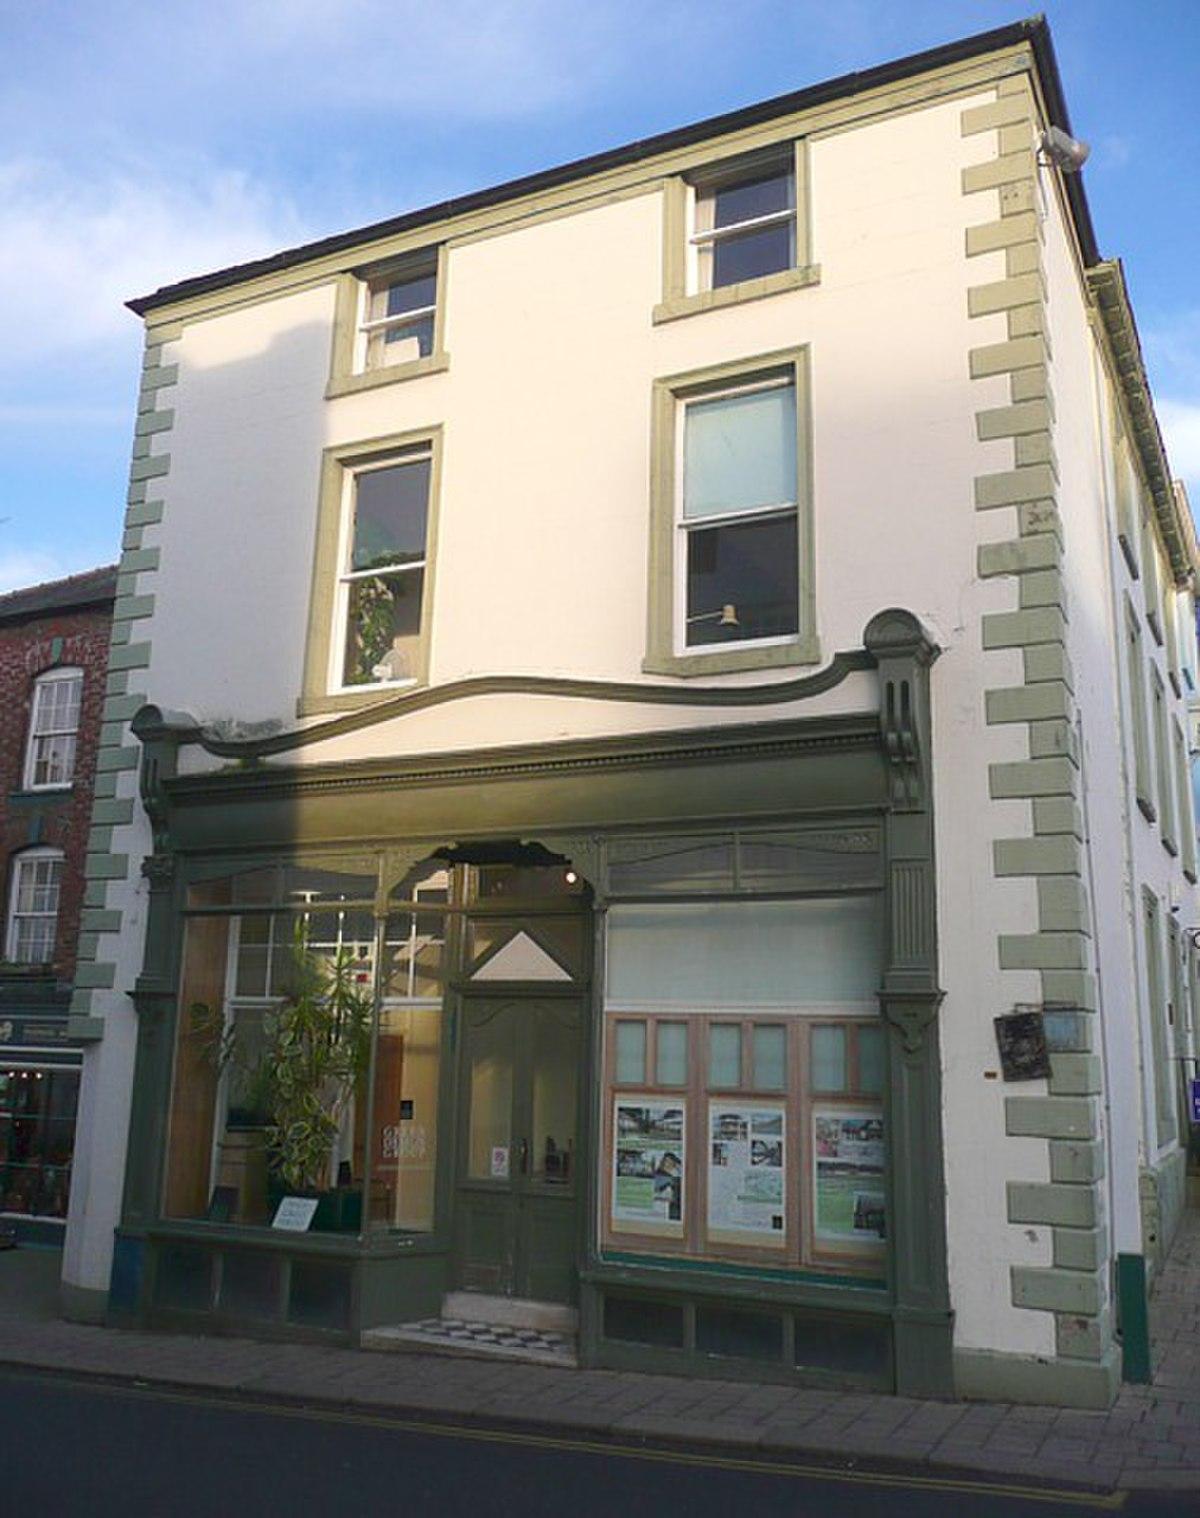 No 2 High Cross Street, Brampton - geograph.org.uk - 1149046.jpg